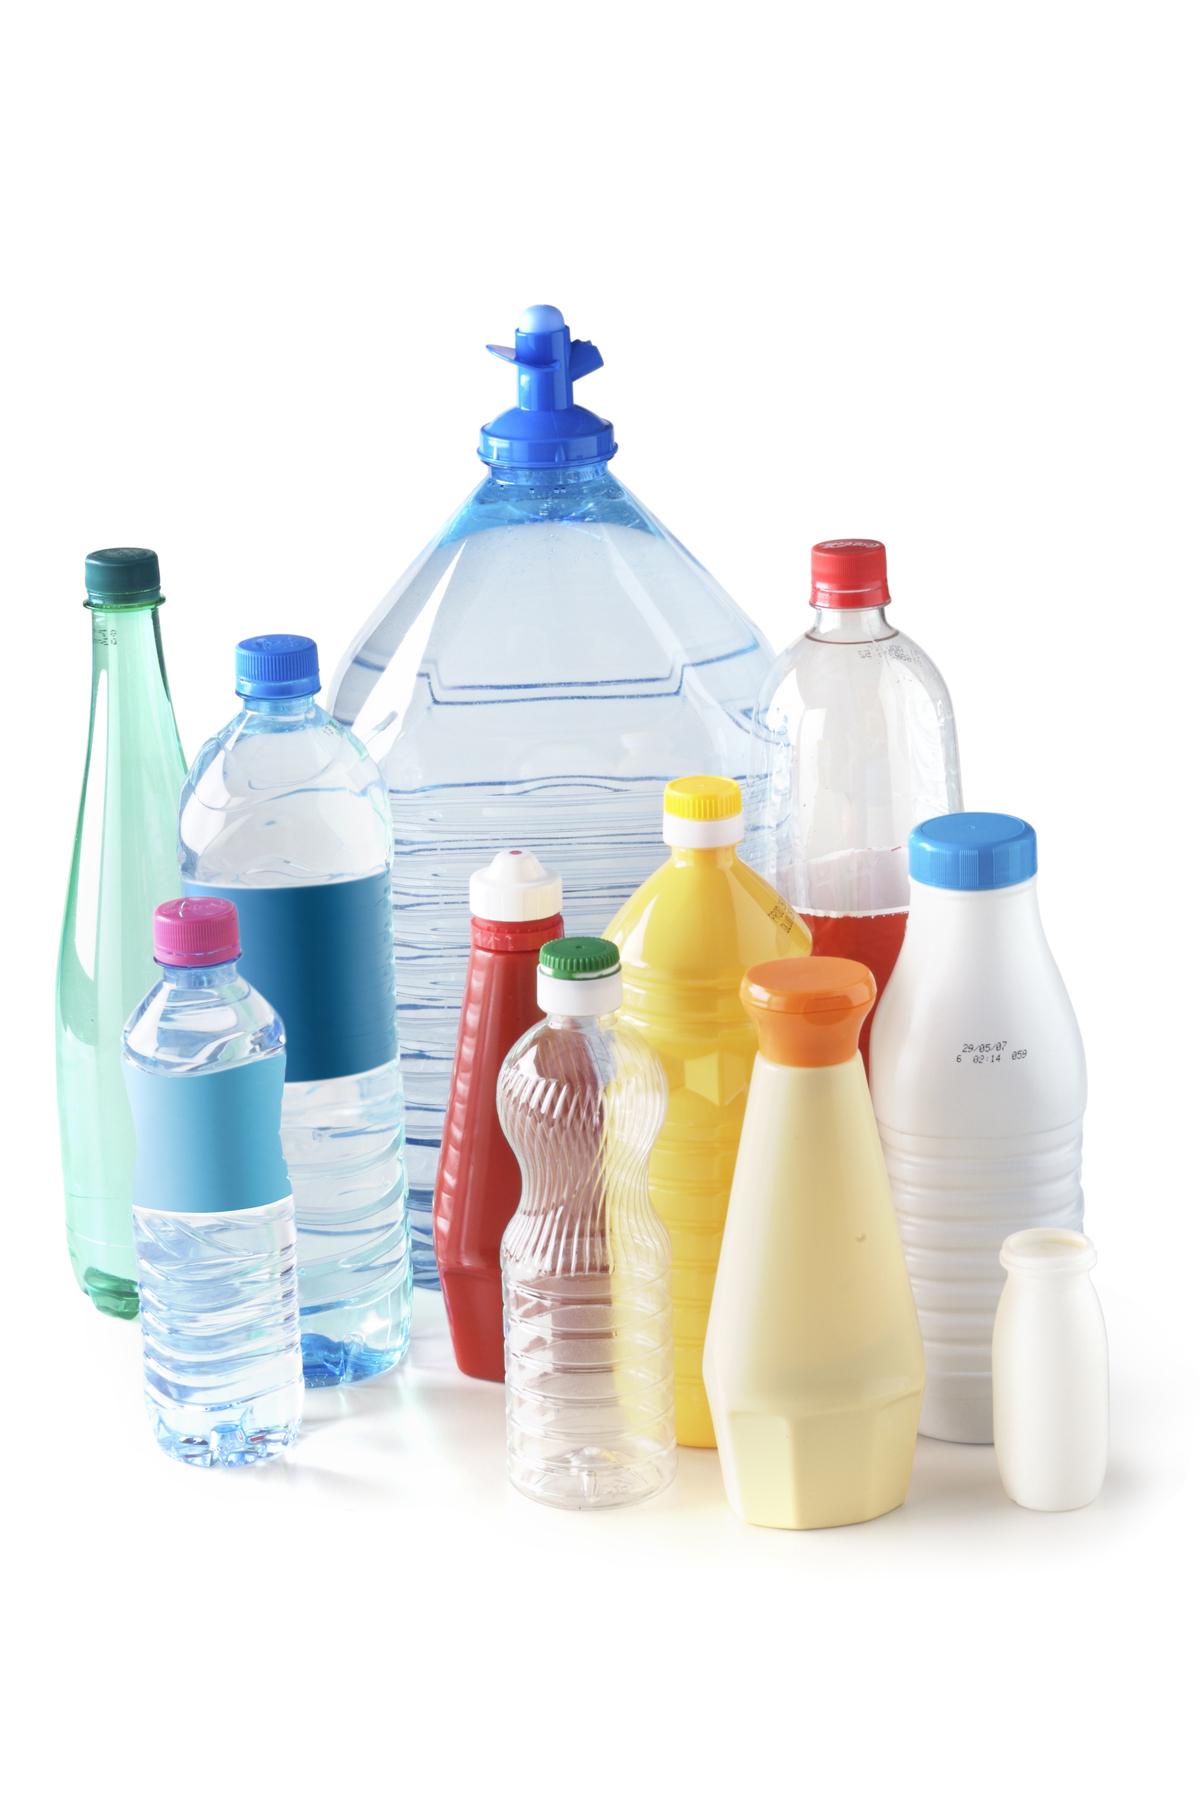 39 id es de r cup avec des bouteilles et bouchons meroute en clis - Bricolage avec des bouteilles en plastique ...